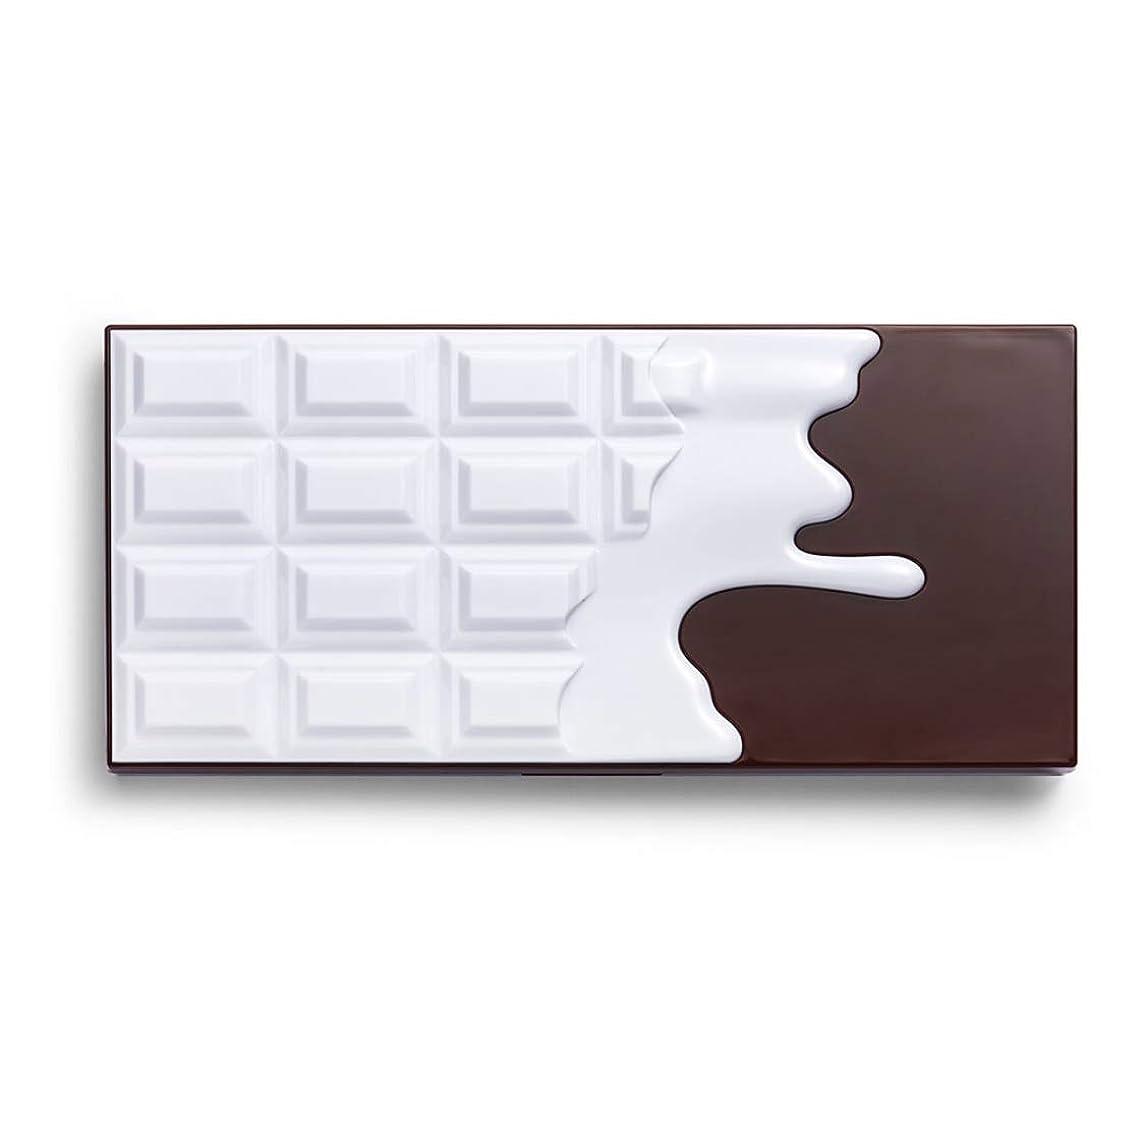 仲良しボーカルタイピストメイクアップレボリューション アイラブメイクアップ チョコレート型18色アイシャドウパレット #Smores Chocolate